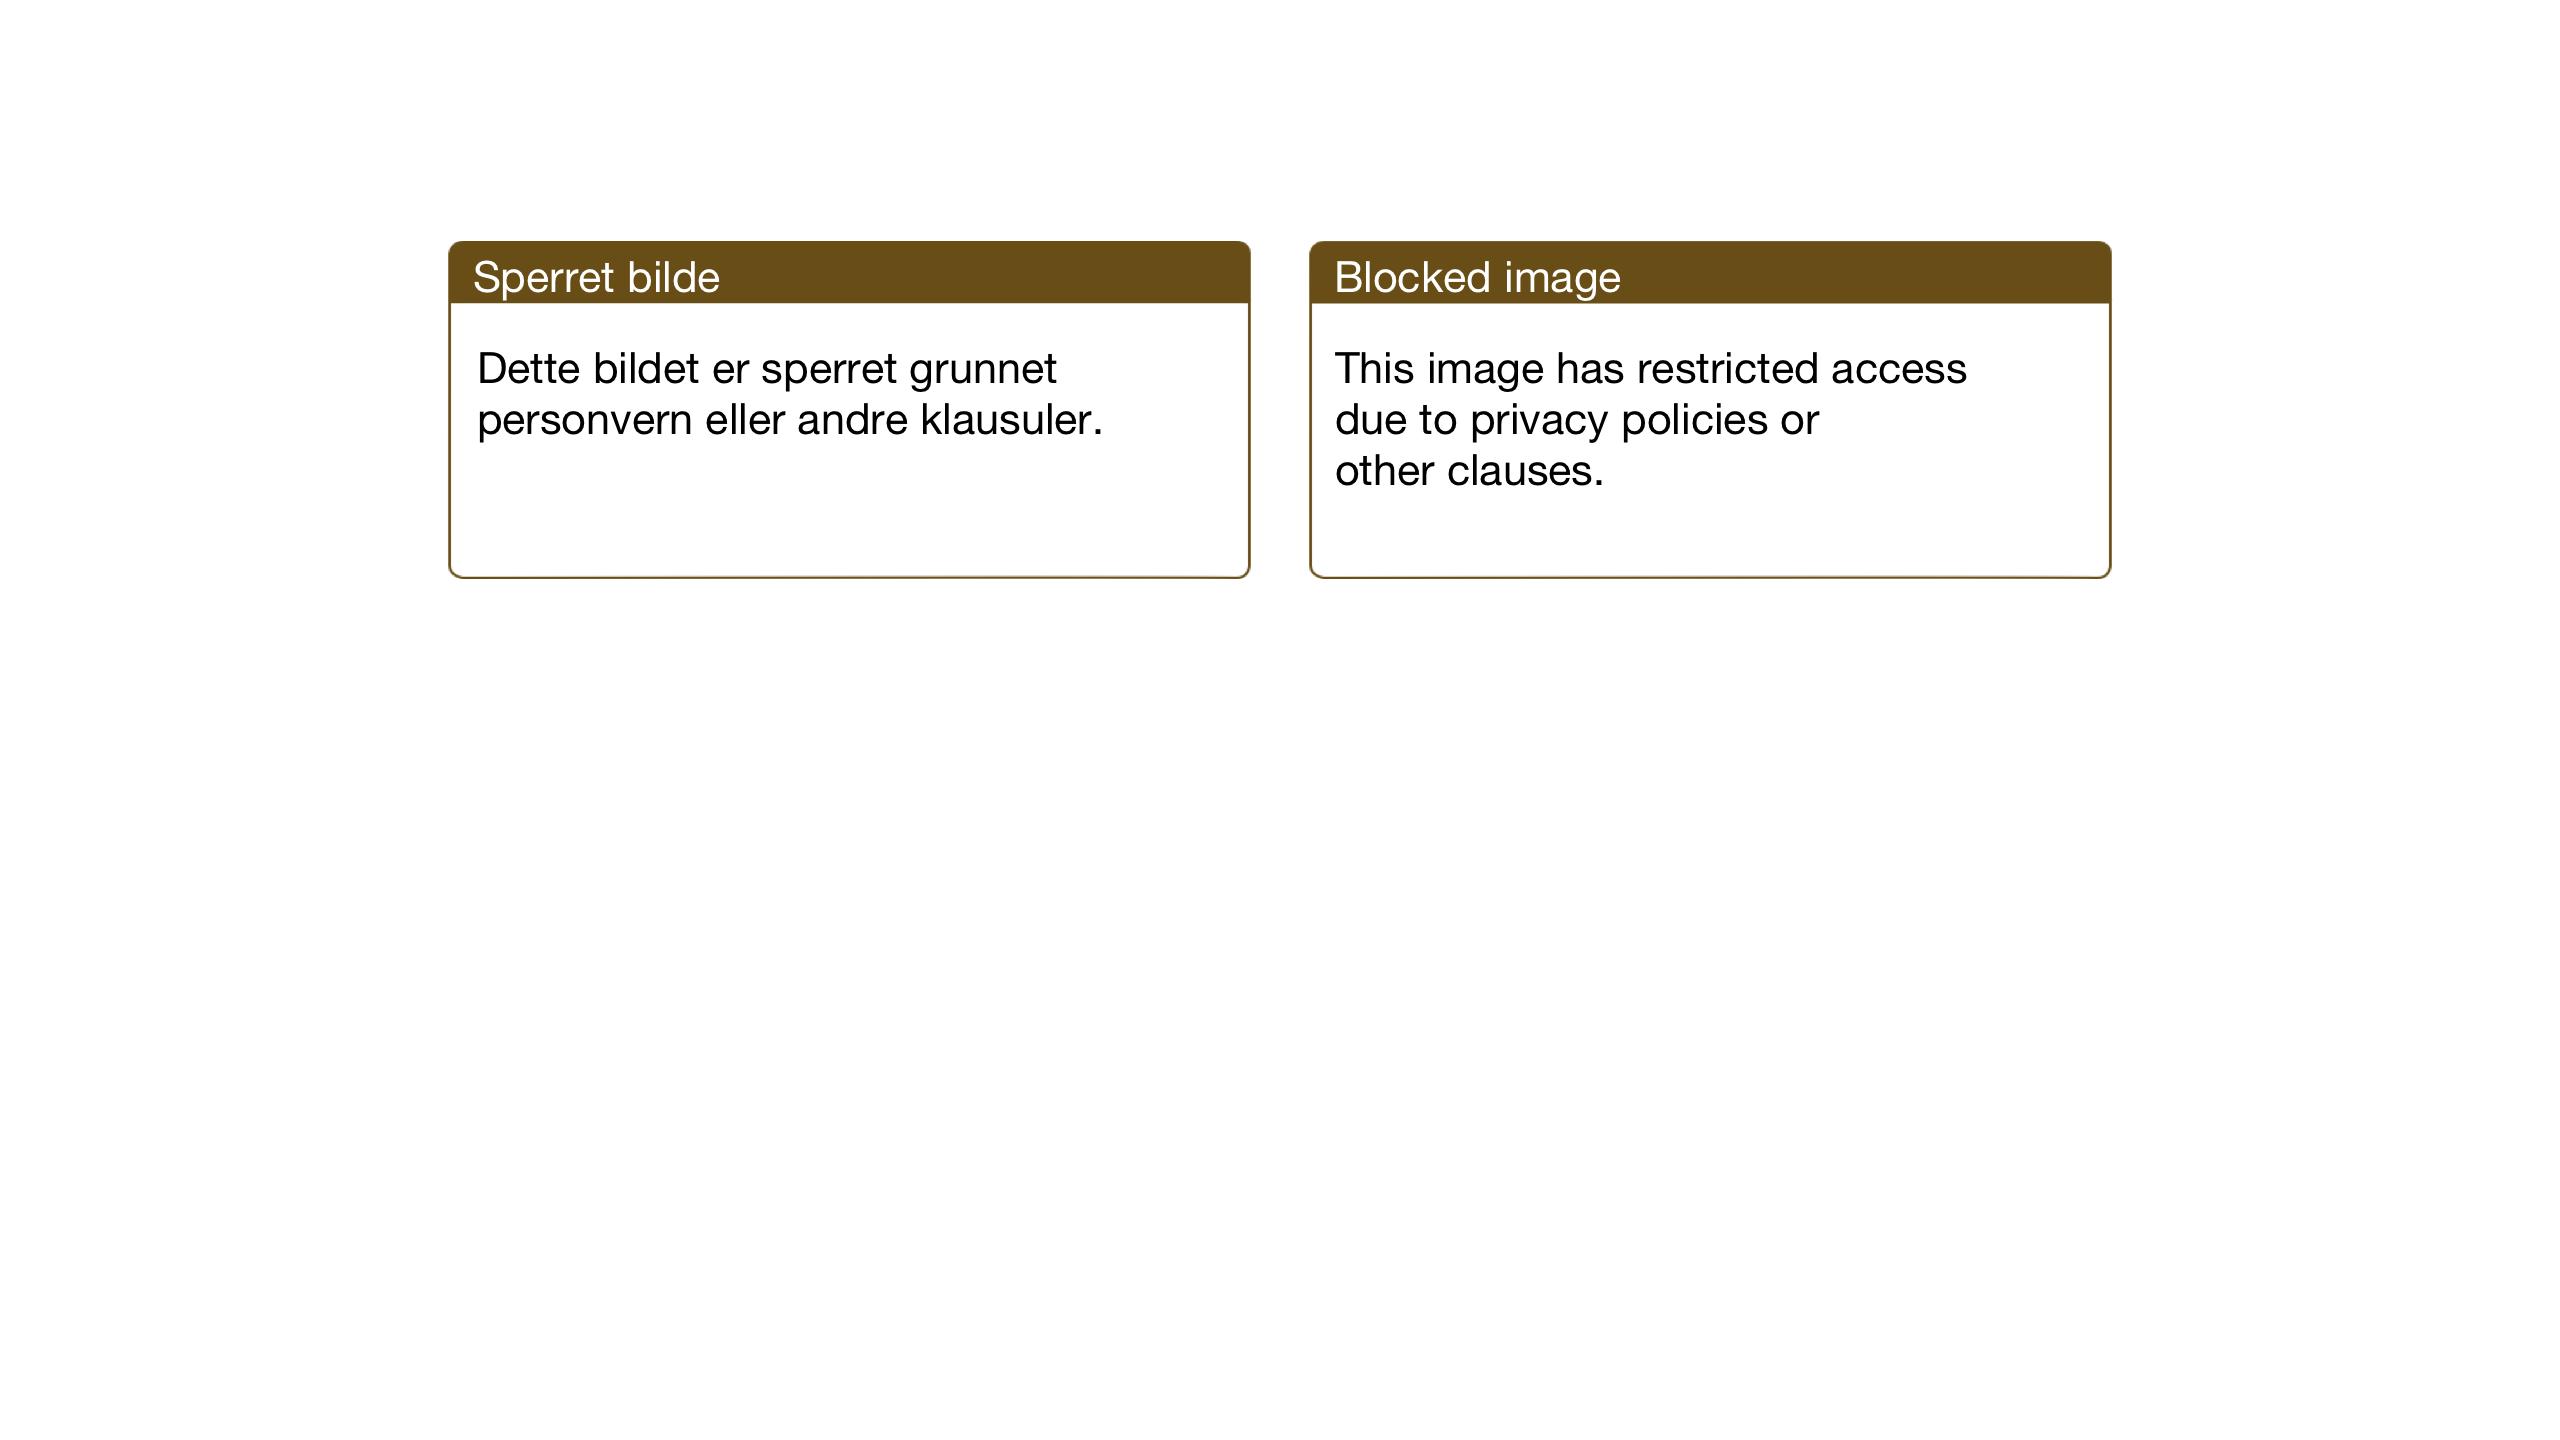 SAT, Ministerialprotokoller, klokkerbøker og fødselsregistre - Nord-Trøndelag, 710/L0097: Klokkerbok nr. 710C02, 1925-1955, s. 98